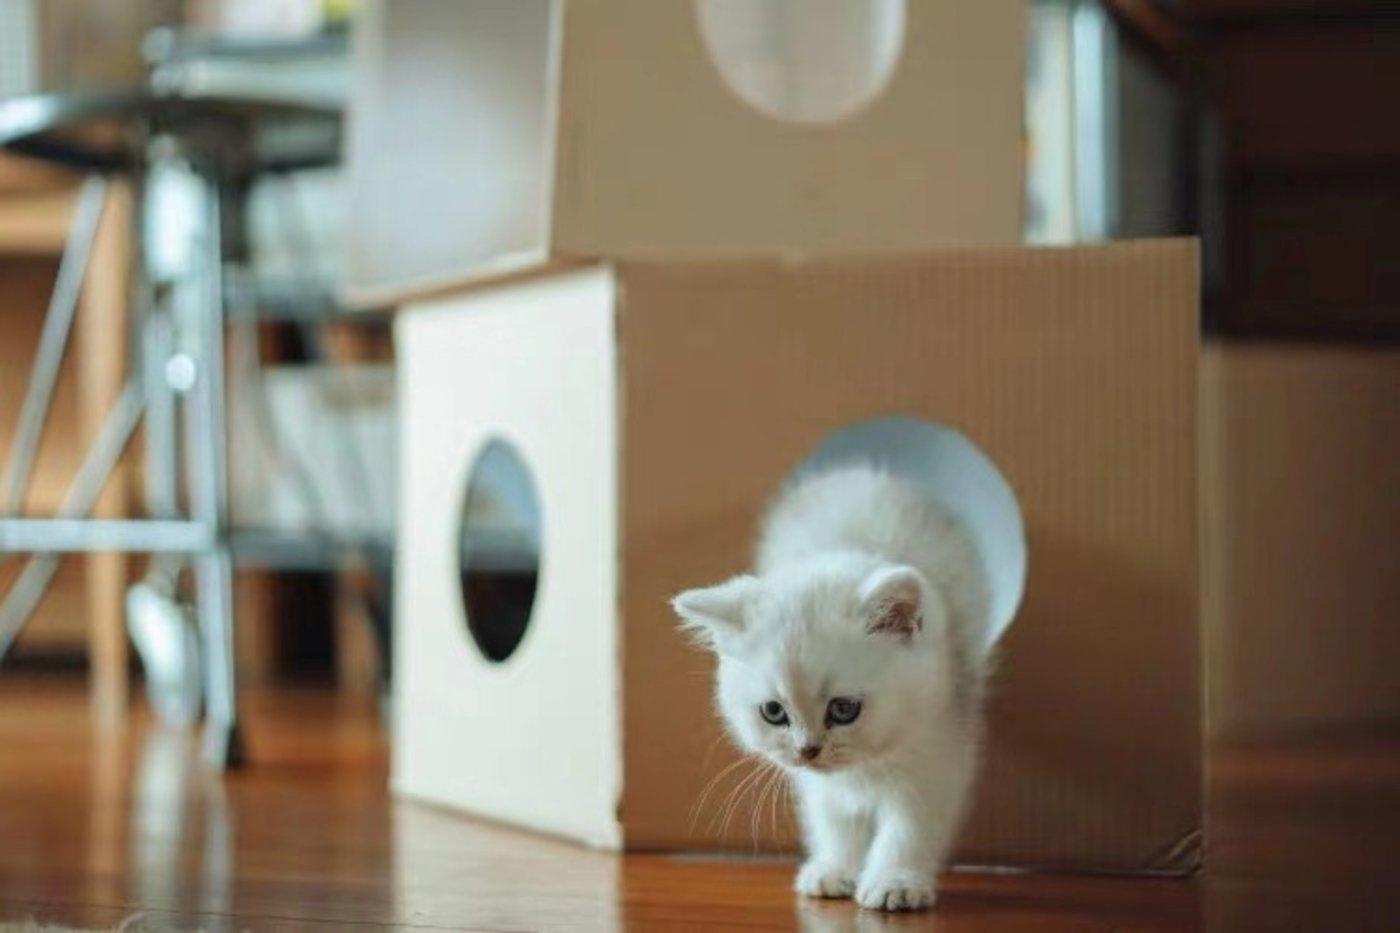 爭做寵物用品界的「無印良品」,貓砂盆、飲水機裡的品牌機會